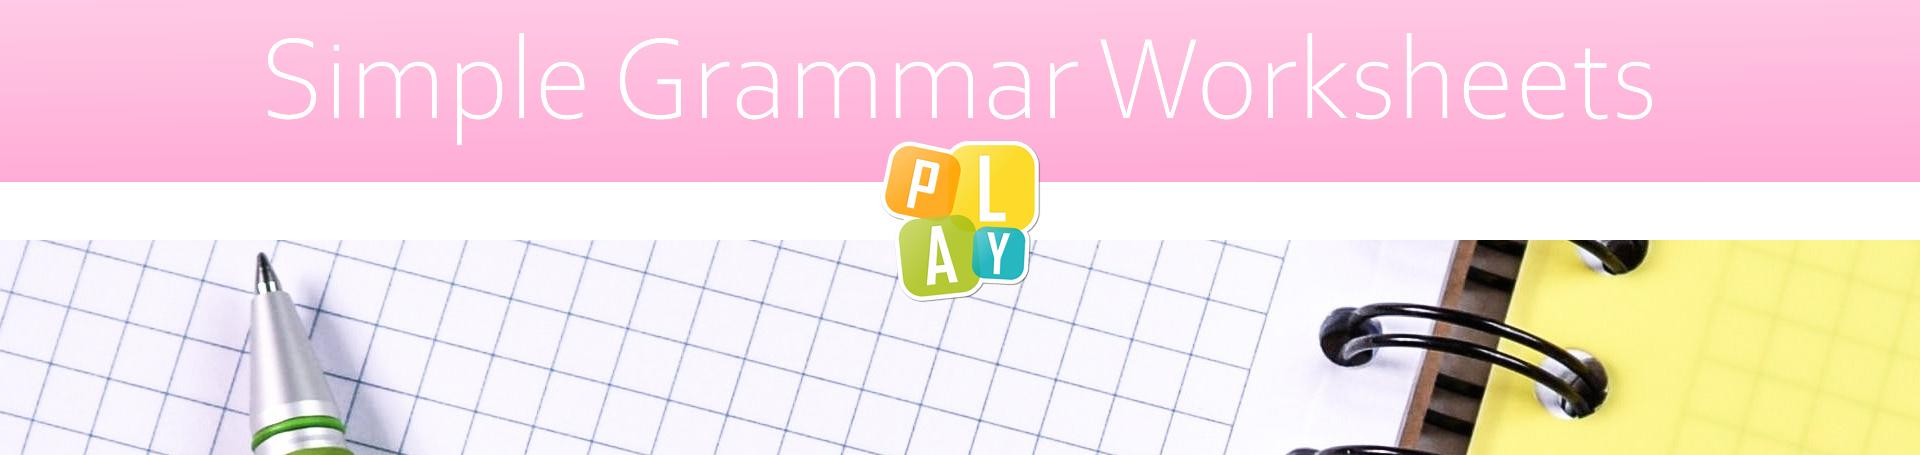 Simple Grammar Worksheets